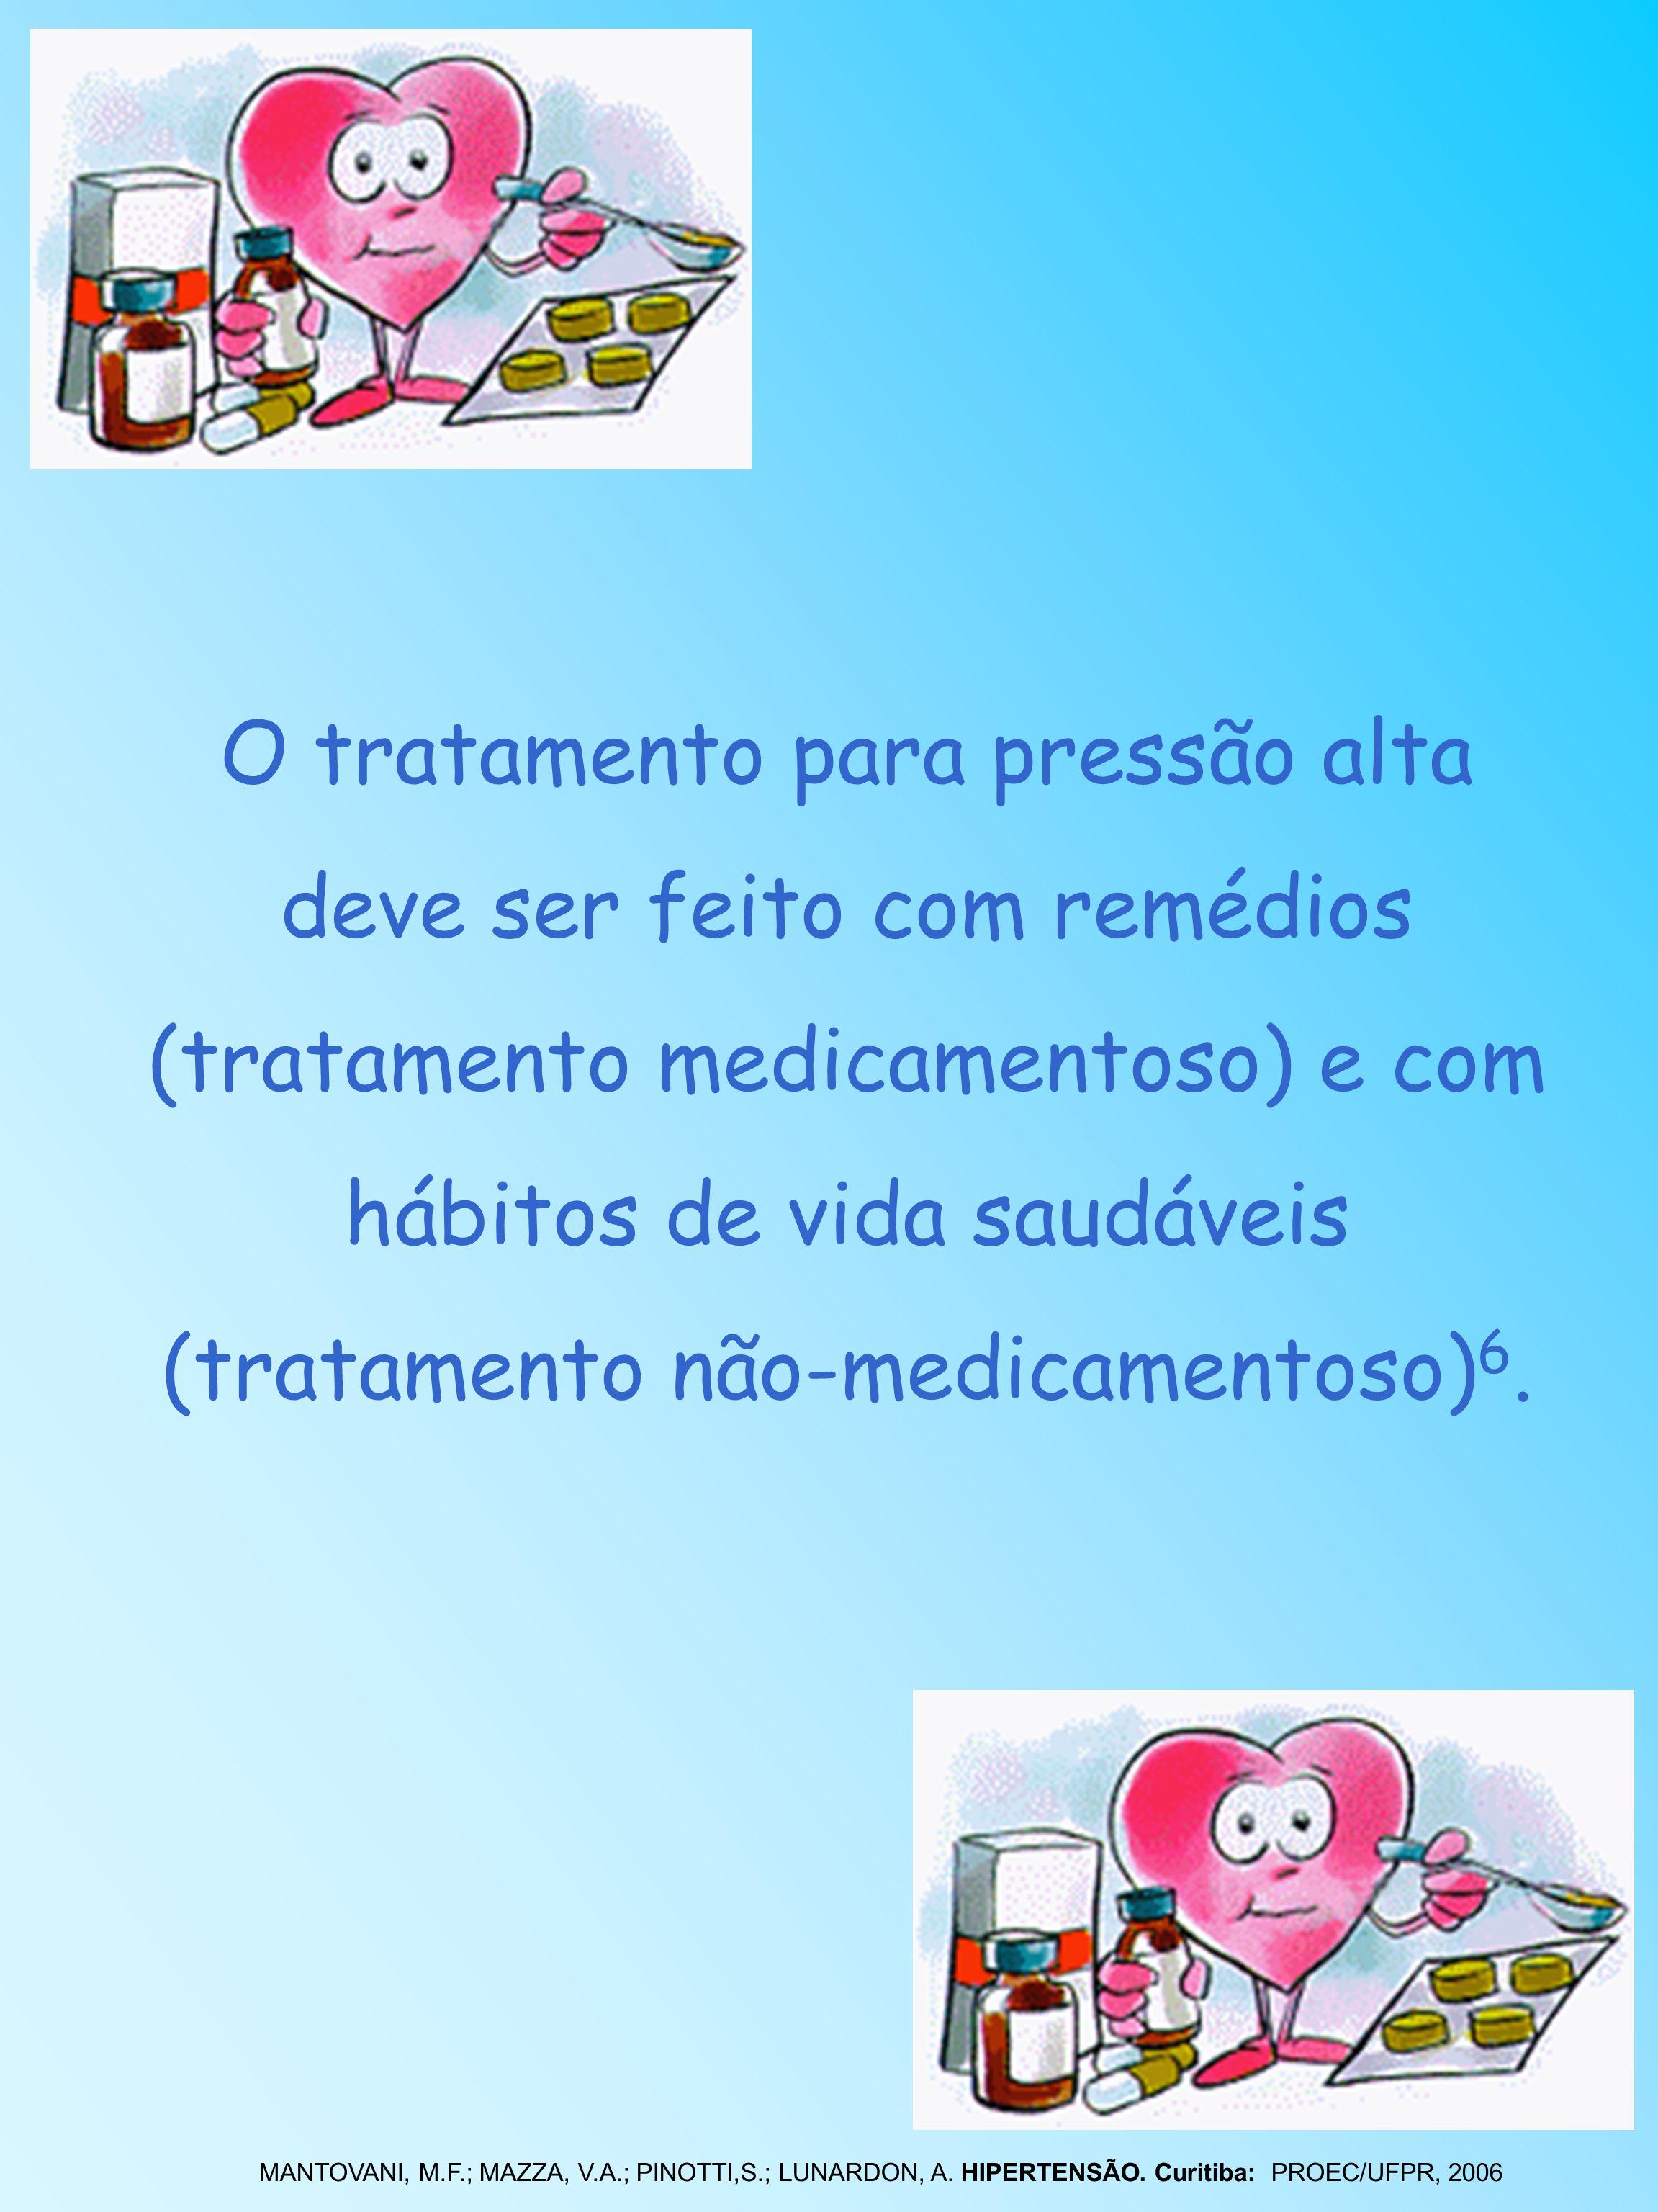 O tratamento para pressão alta deve ser feito com remédios (tratamento medicamentoso) e com hábitos de vida saudáveis (tratamento não-medicamentoso)6.